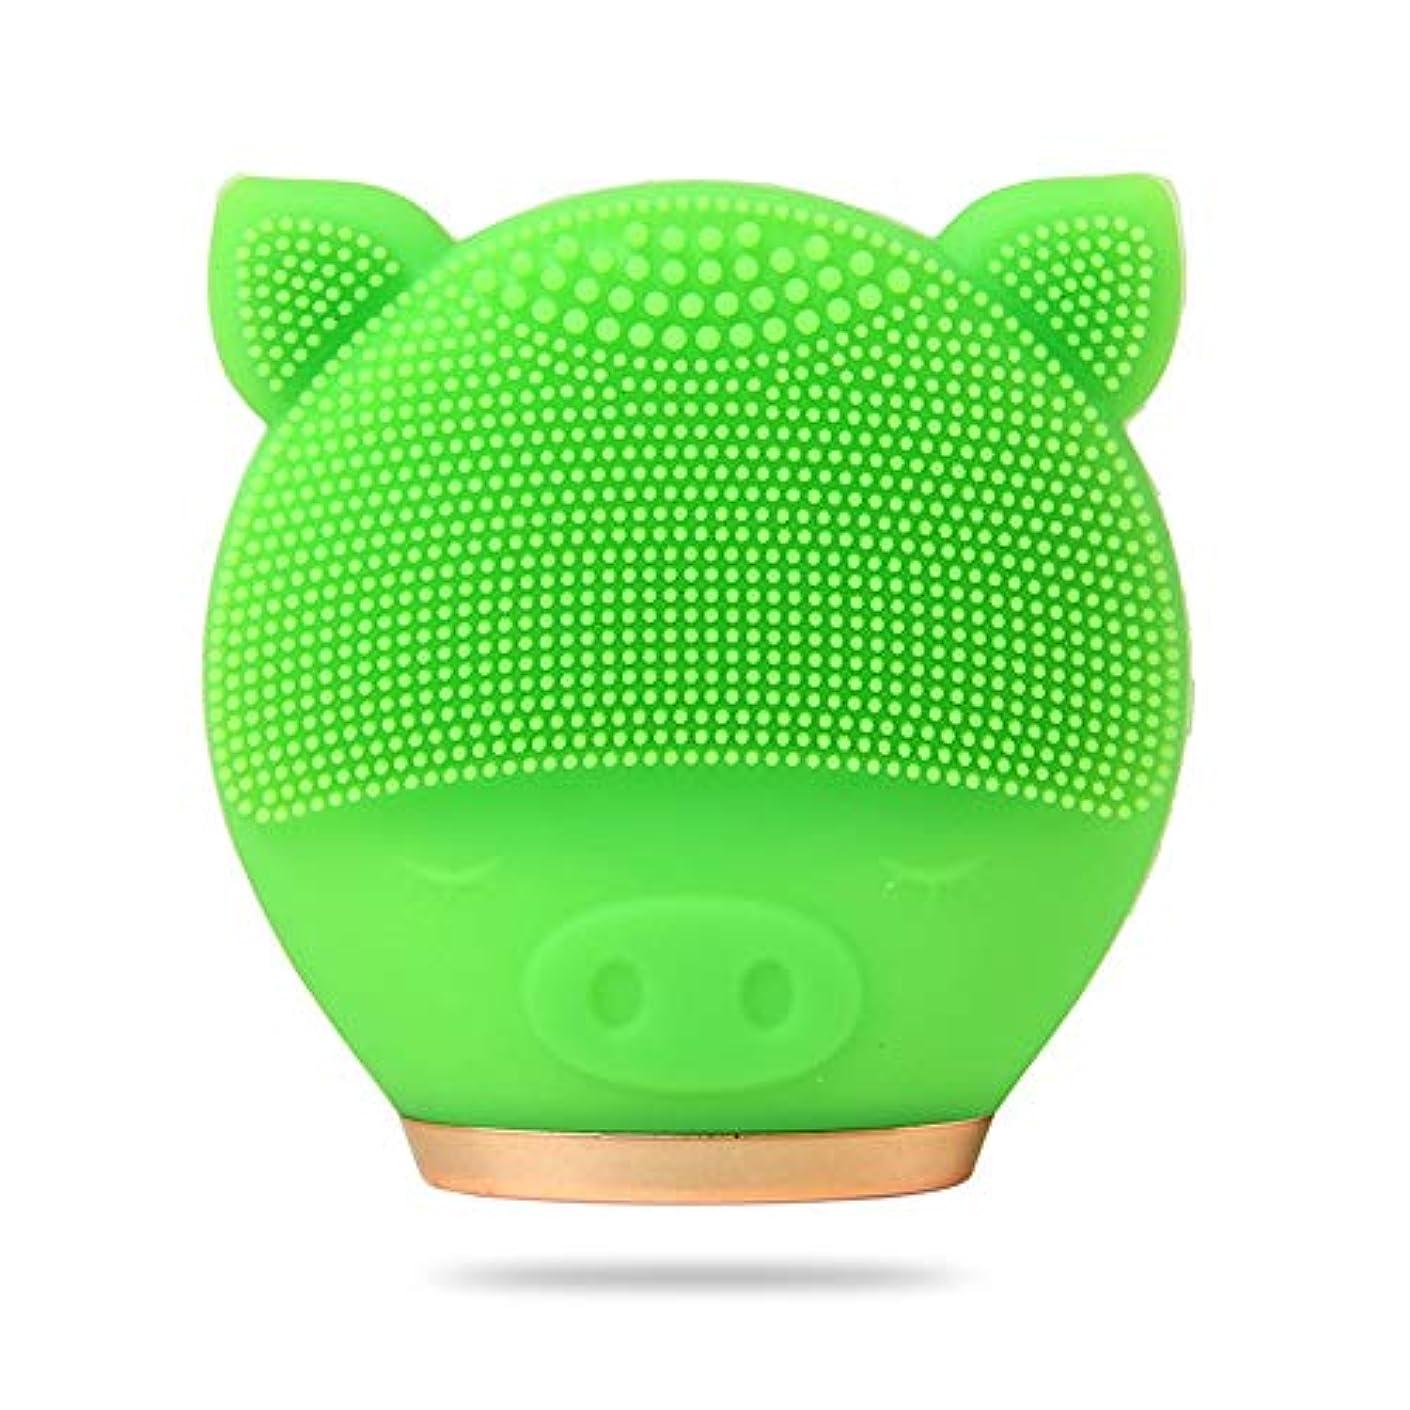 確かに代名詞回転するZXF 新しい豚モデル電気クレンジング楽器シリコーン超音波振動洗浄顔顔毛穴クリーナー美容器具 滑らかである (色 : Green)